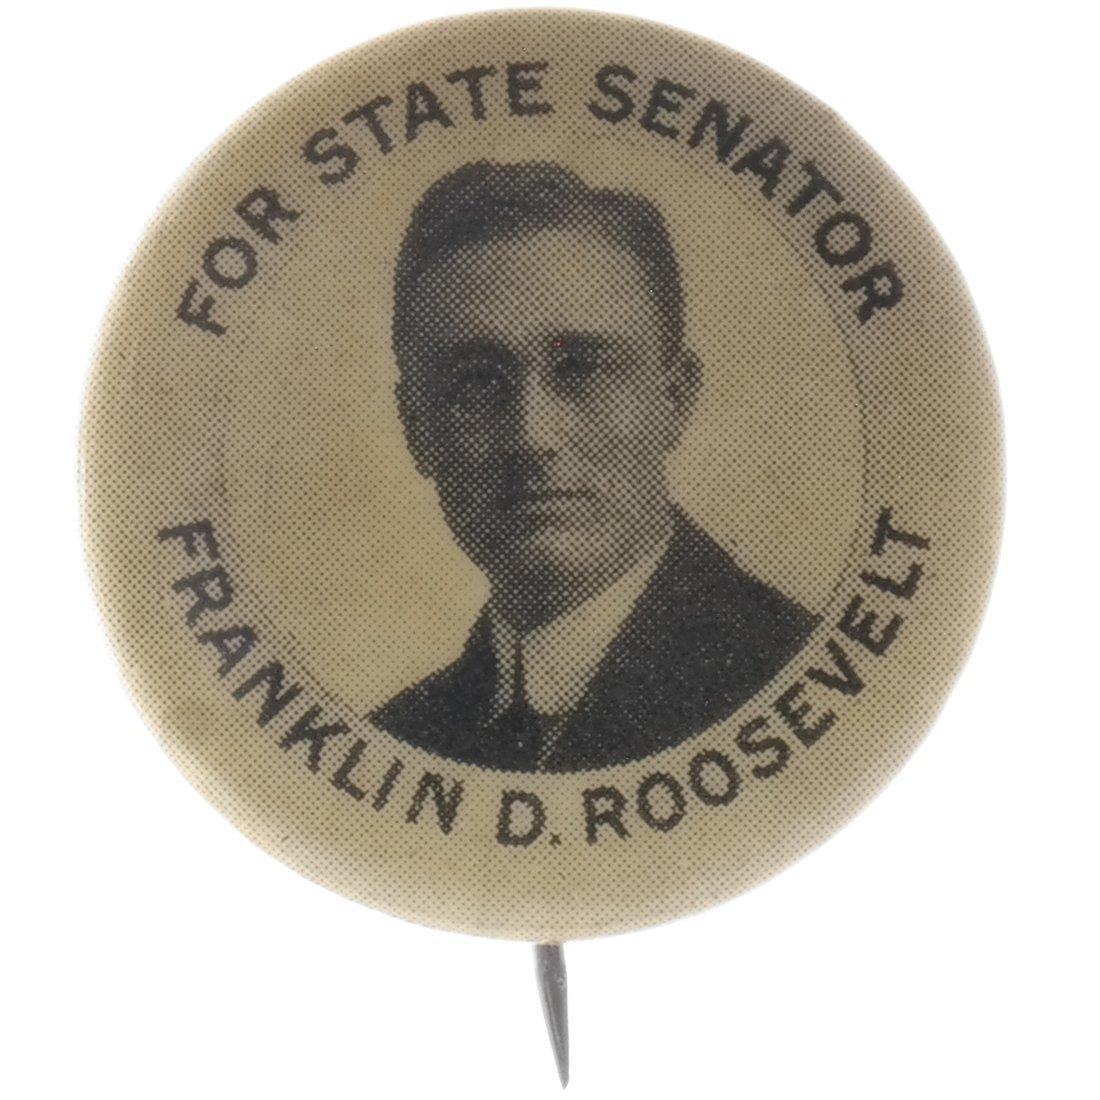 Franklin D. Roosevelt 1912 N.Y. State Senate Hopeful